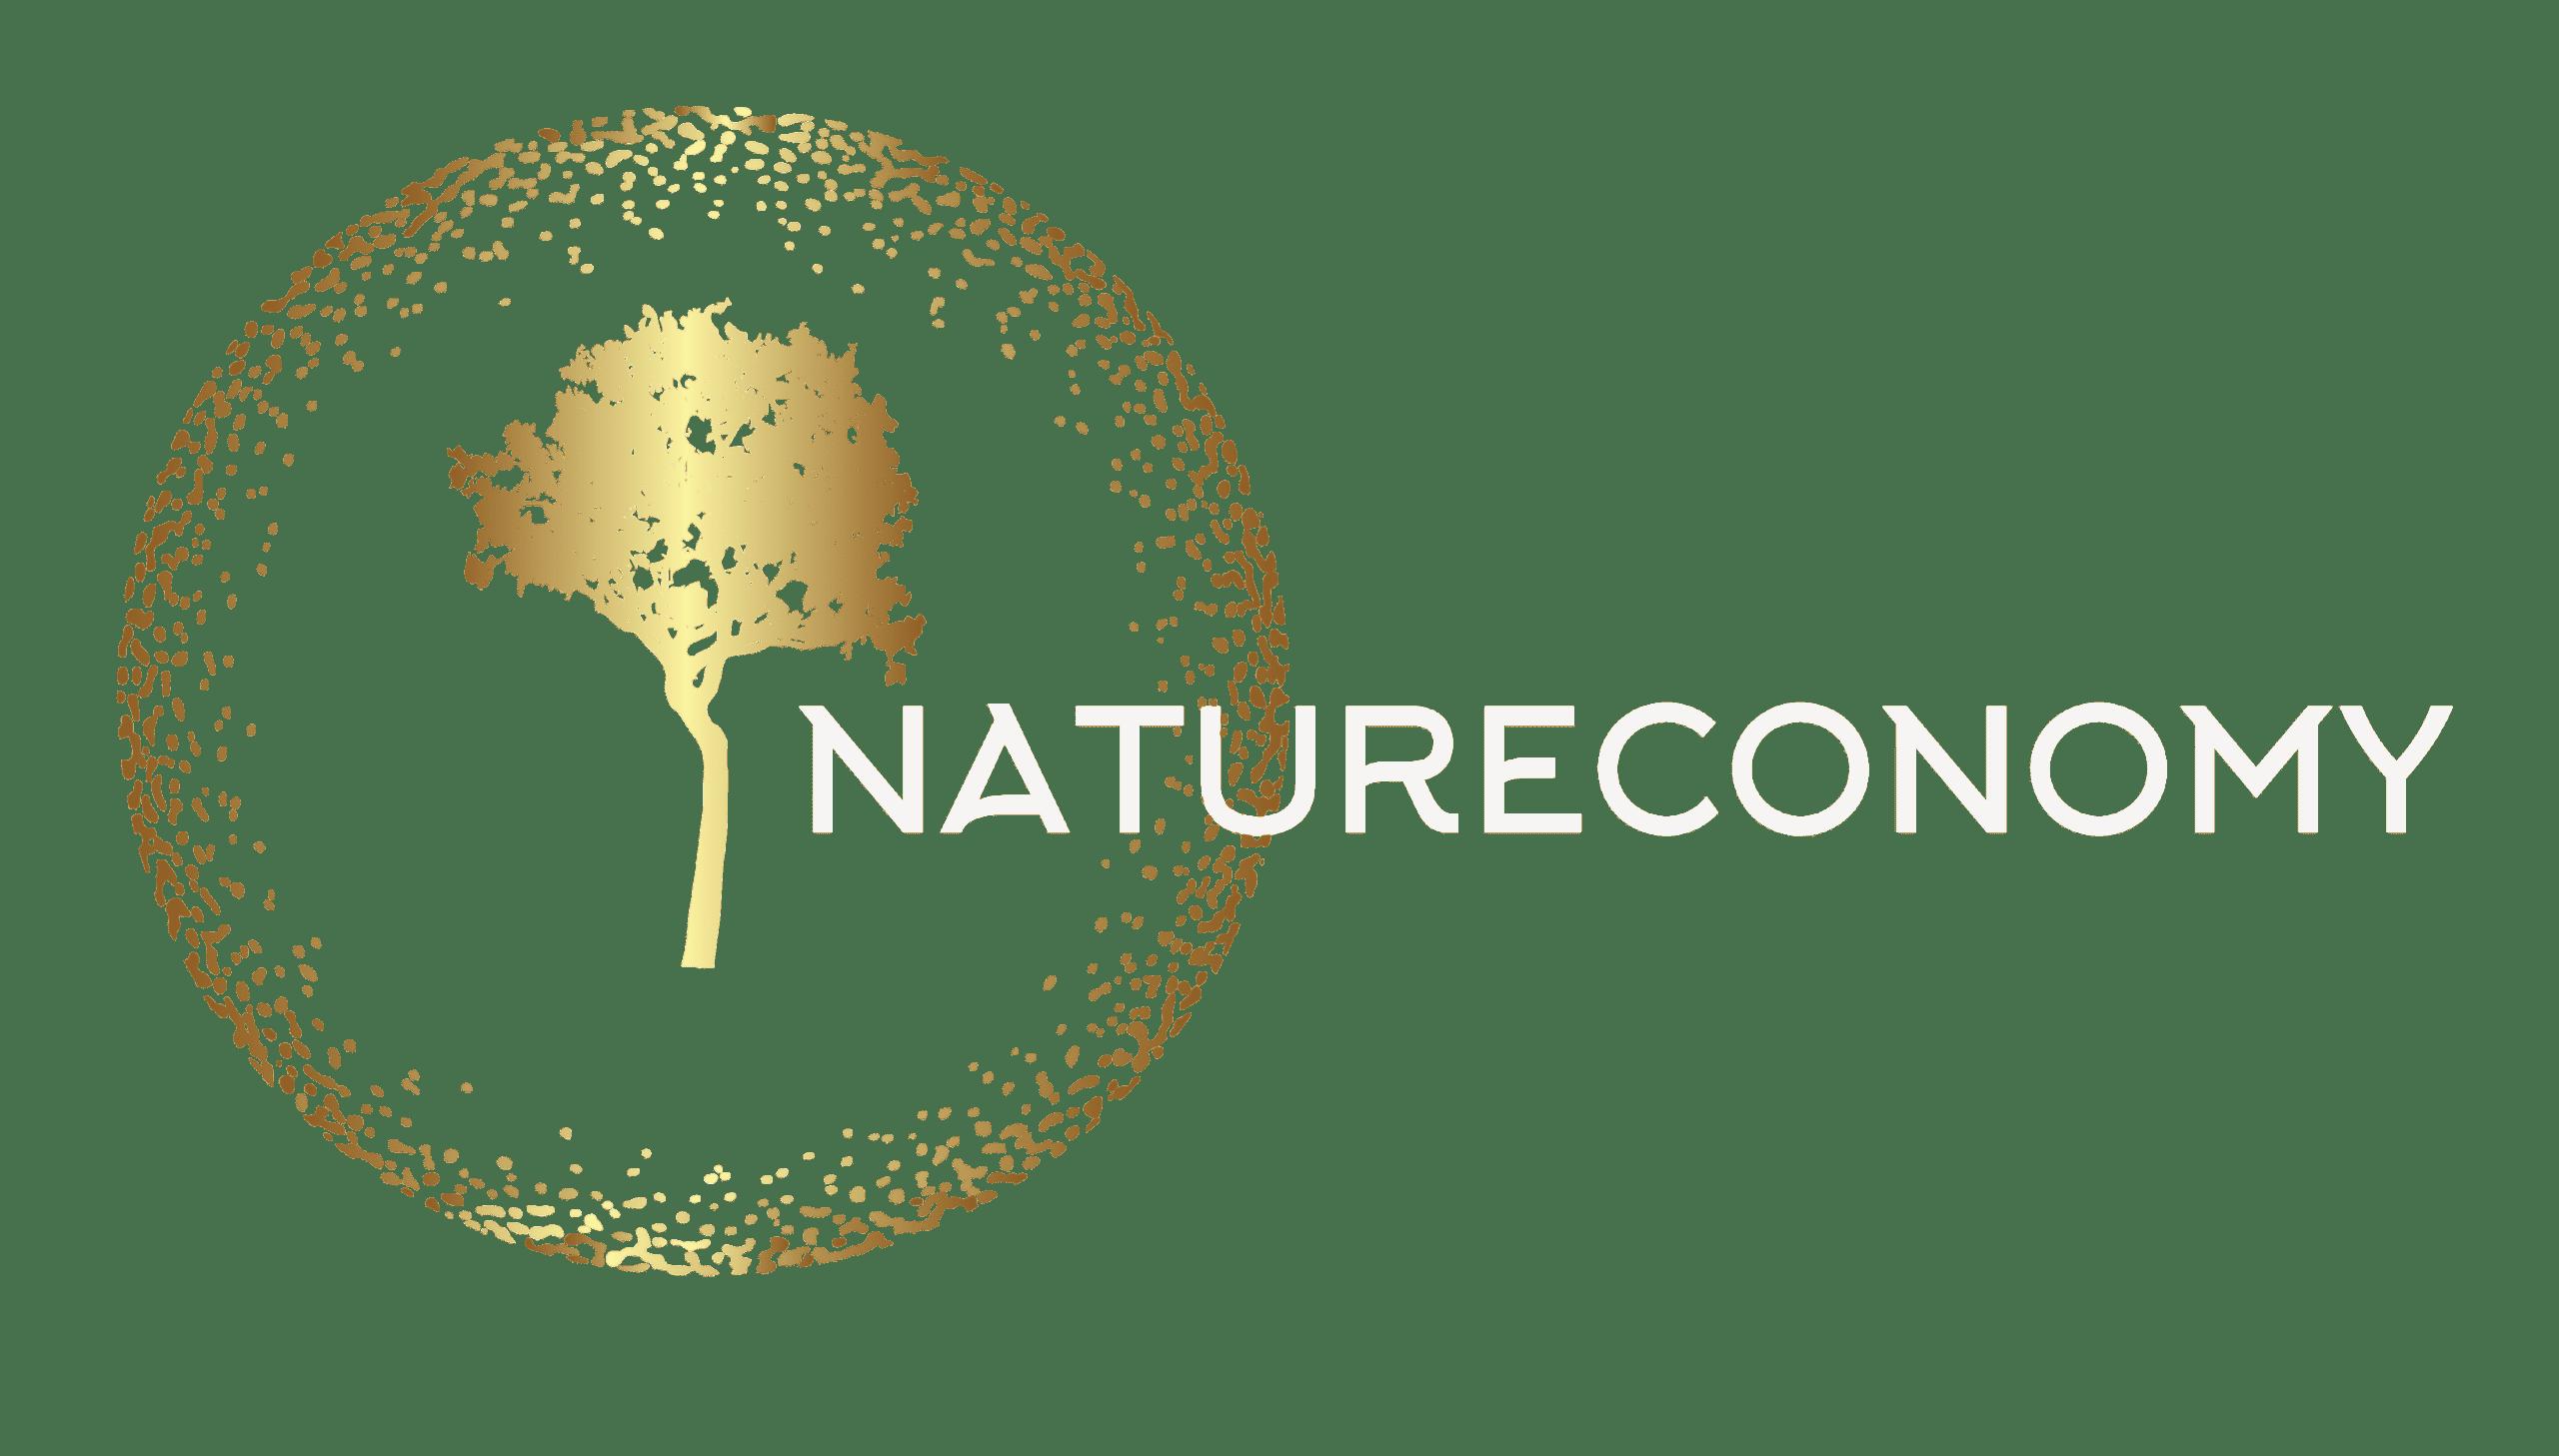 Natureconomy